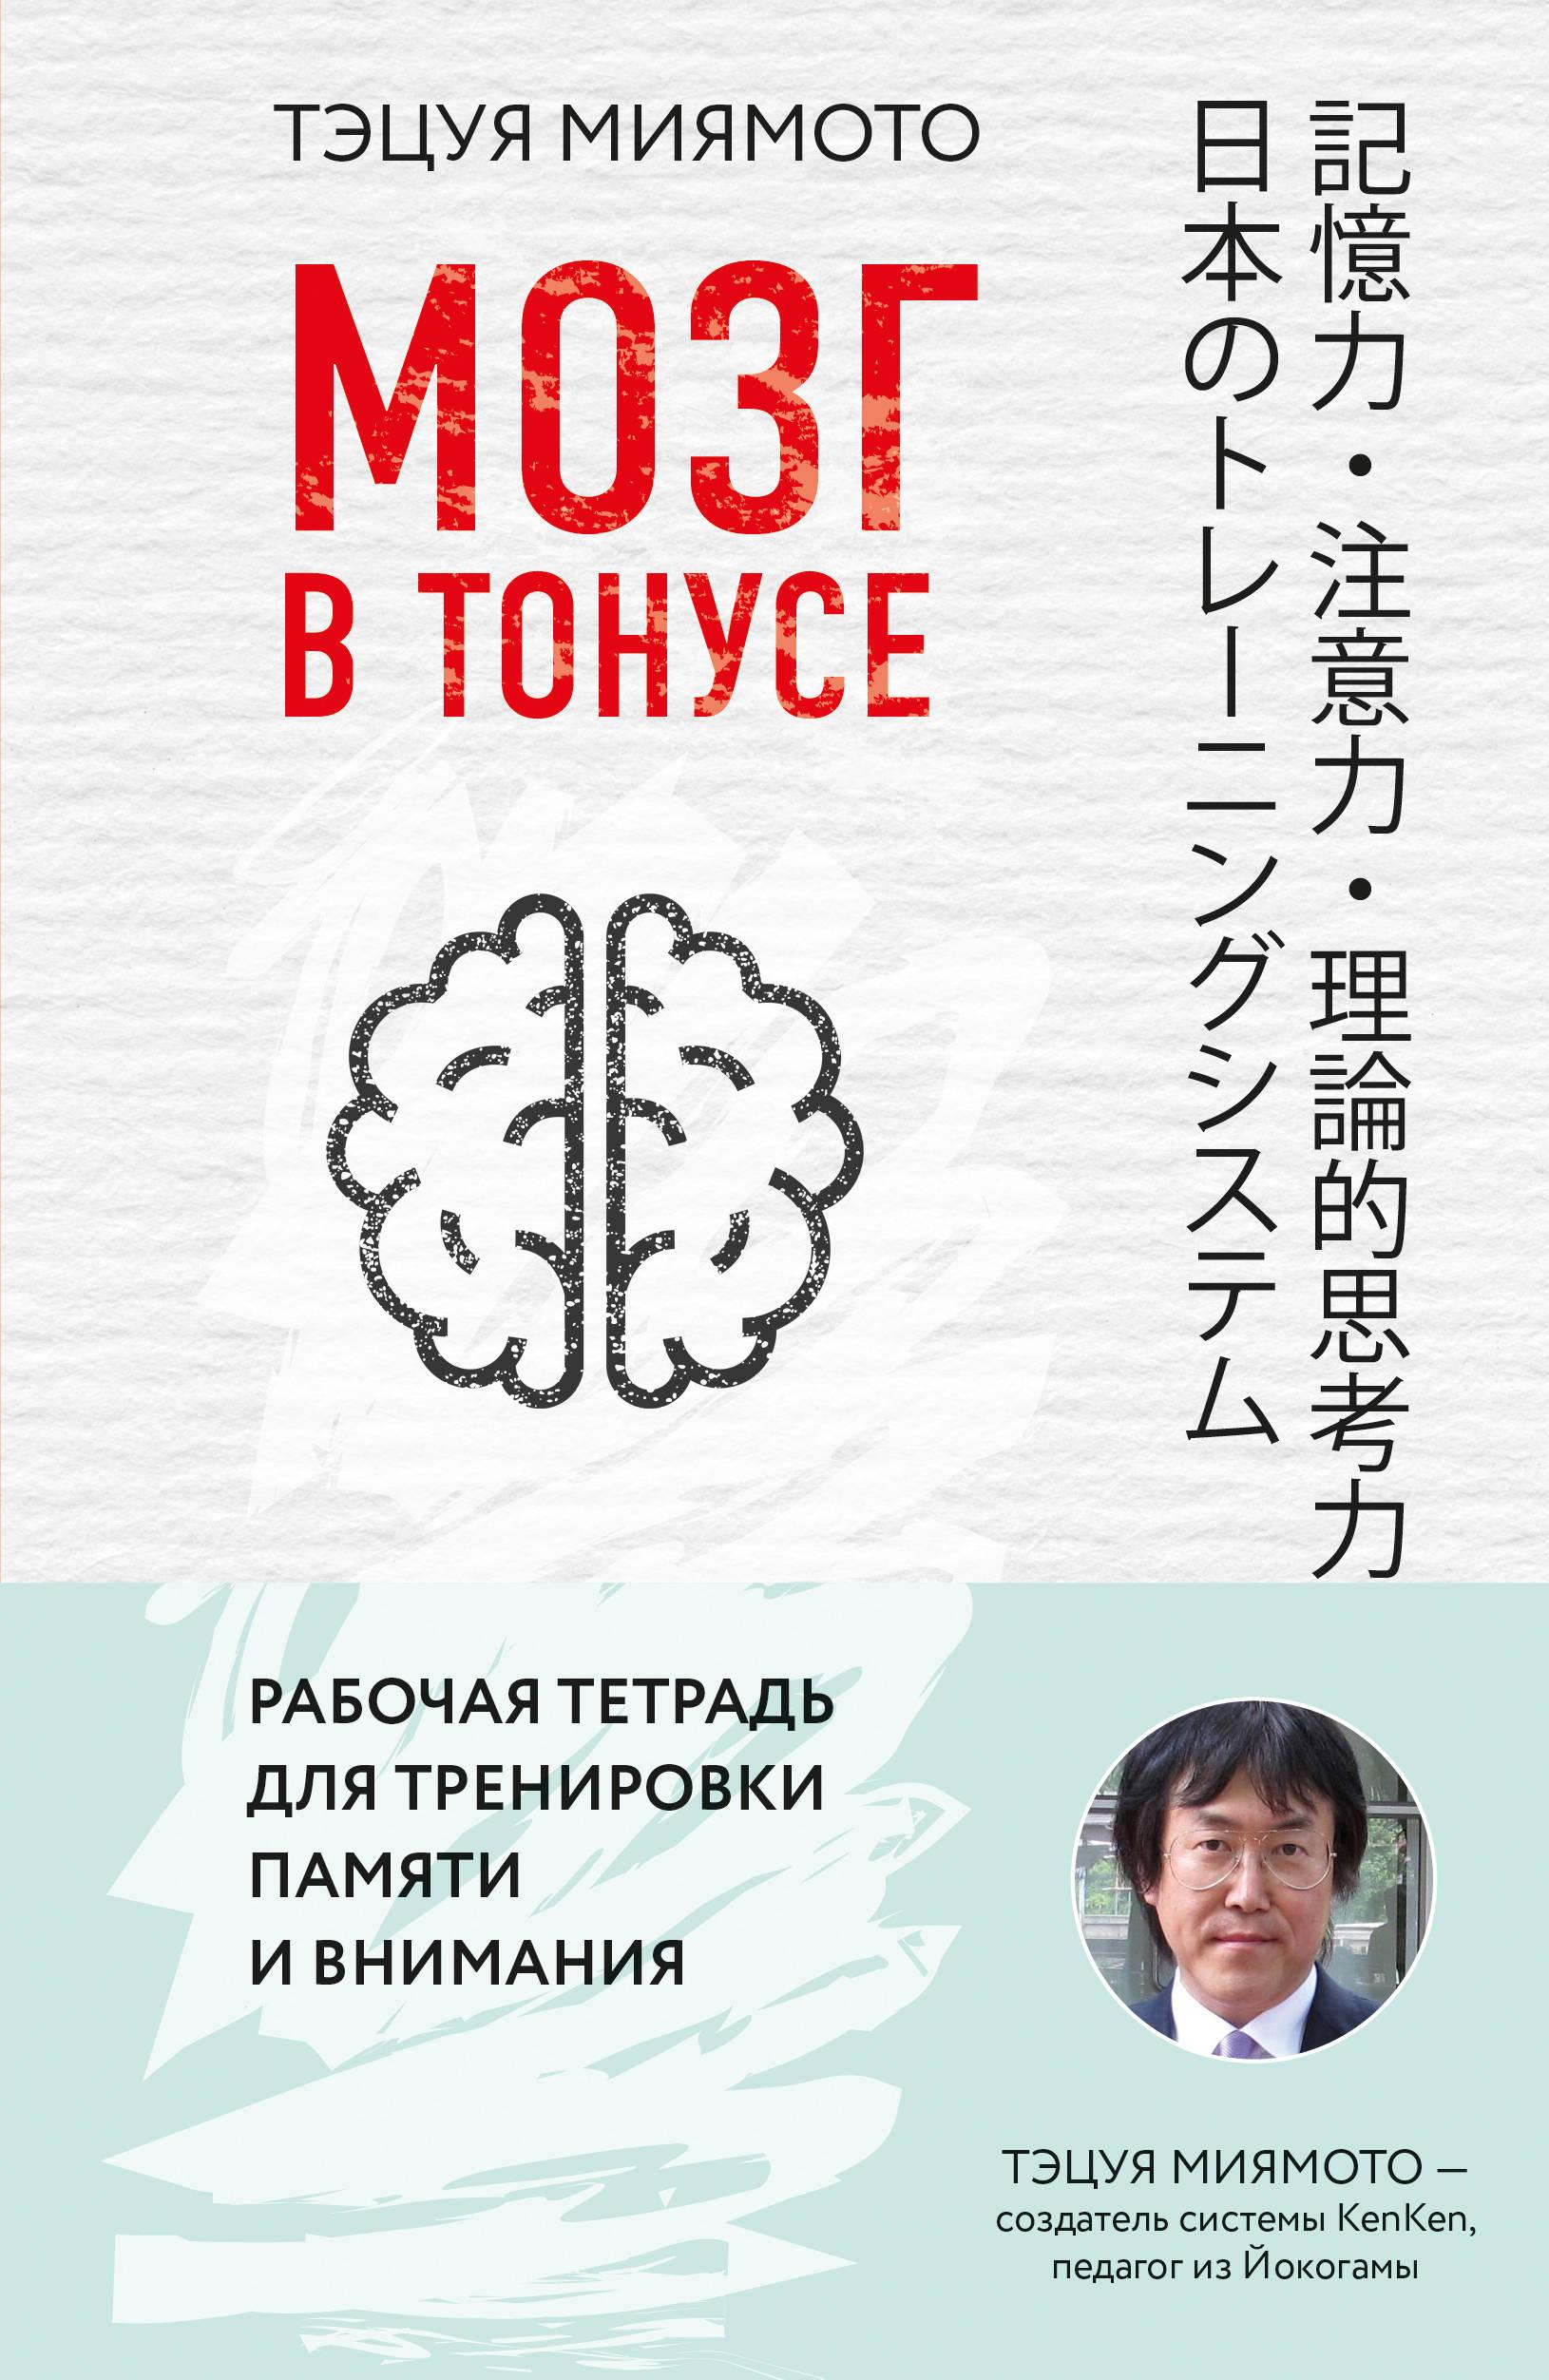 Мозг в тонусе. Рабочая тетрадь для тренировки памяти и мозга. Миямото Тэцуя